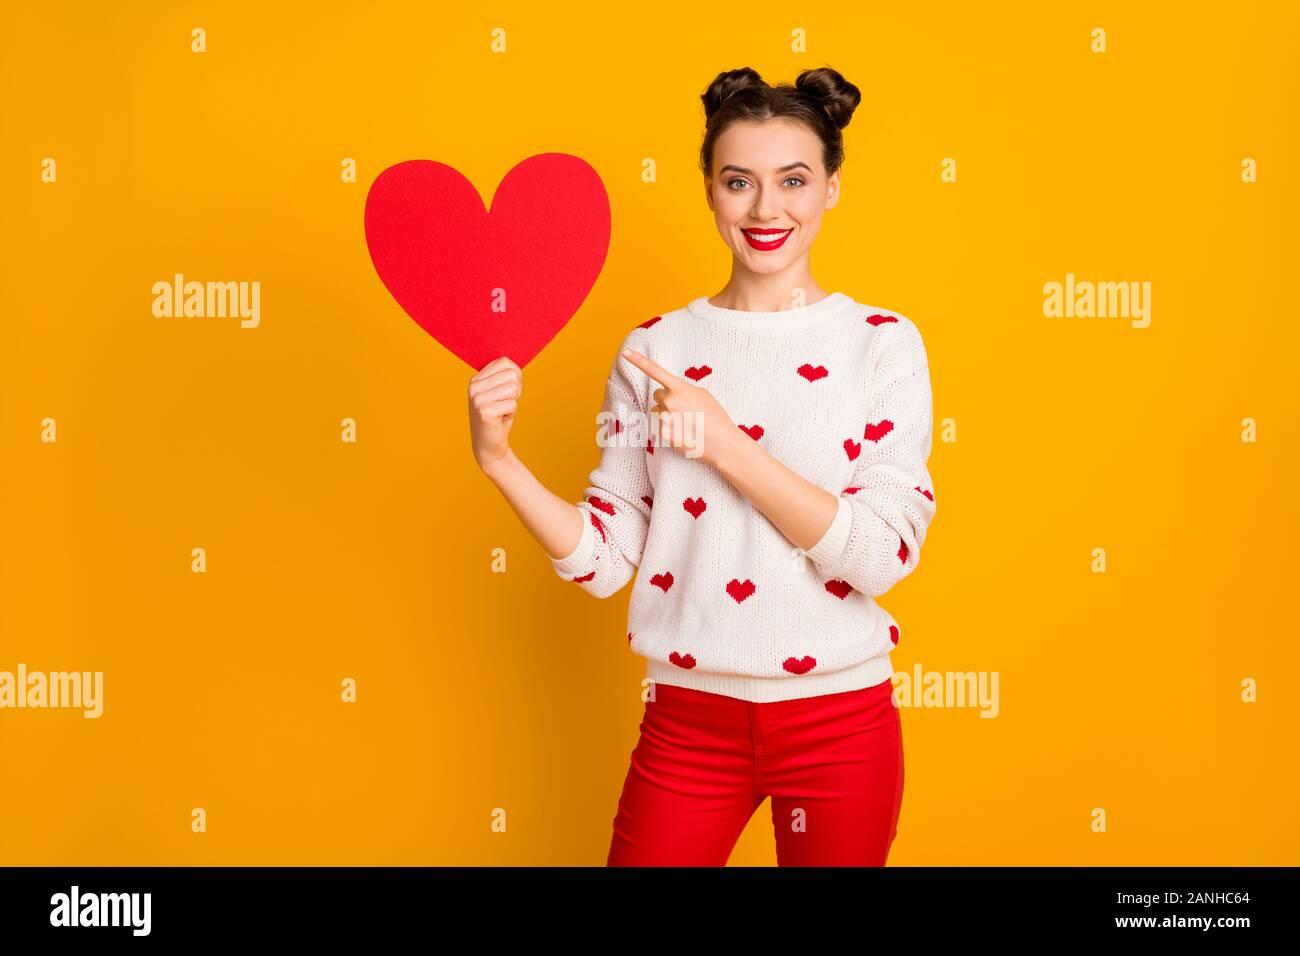 Foto di abbastanza affettuoso lady tenere la carta cuore mostra data cartolina indicando il dito promozione usura rosso bianco cuori pattern pullover pantaloni Foto Stock